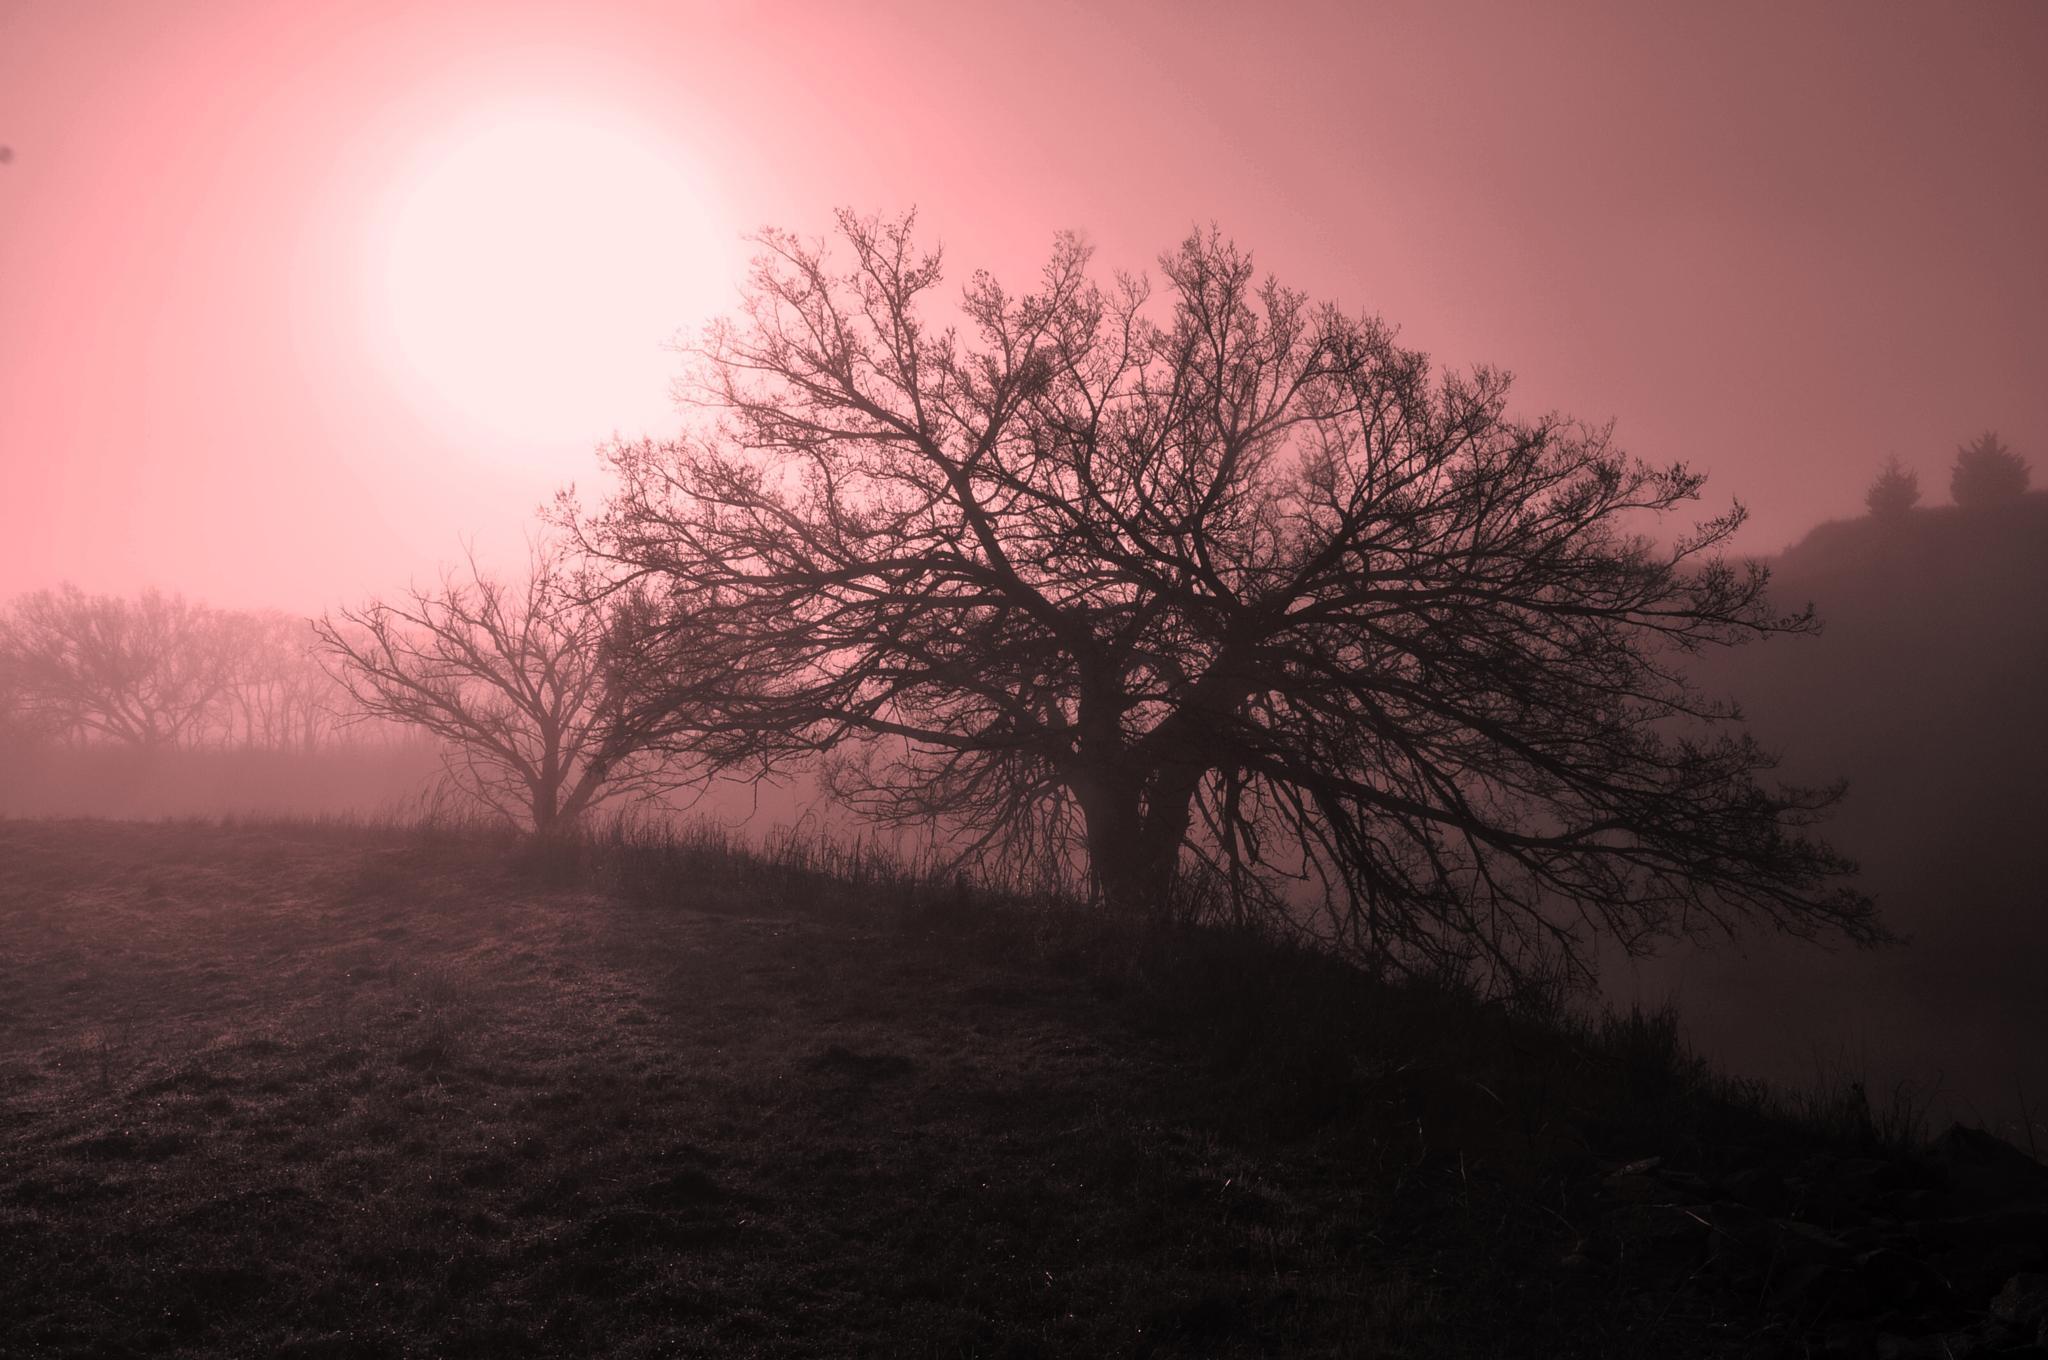 Oklahoma sunrise by keith.haley.984